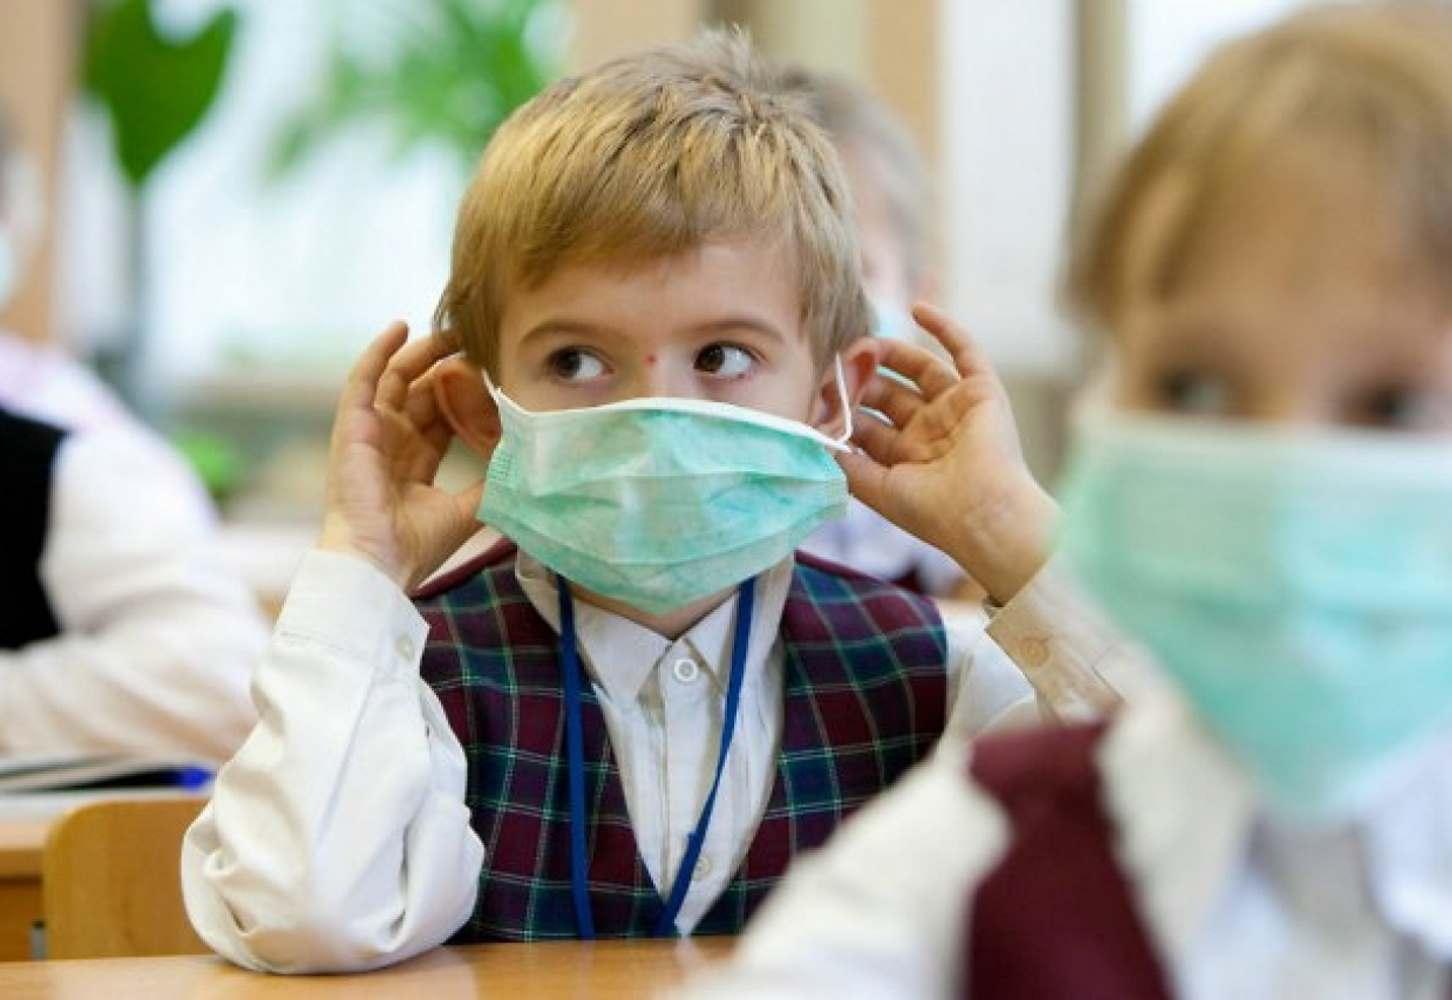 kak-vypolnit-trebovaniya-rospotrebnadzora-po-profilaktike-koronavirusa-v-shkole